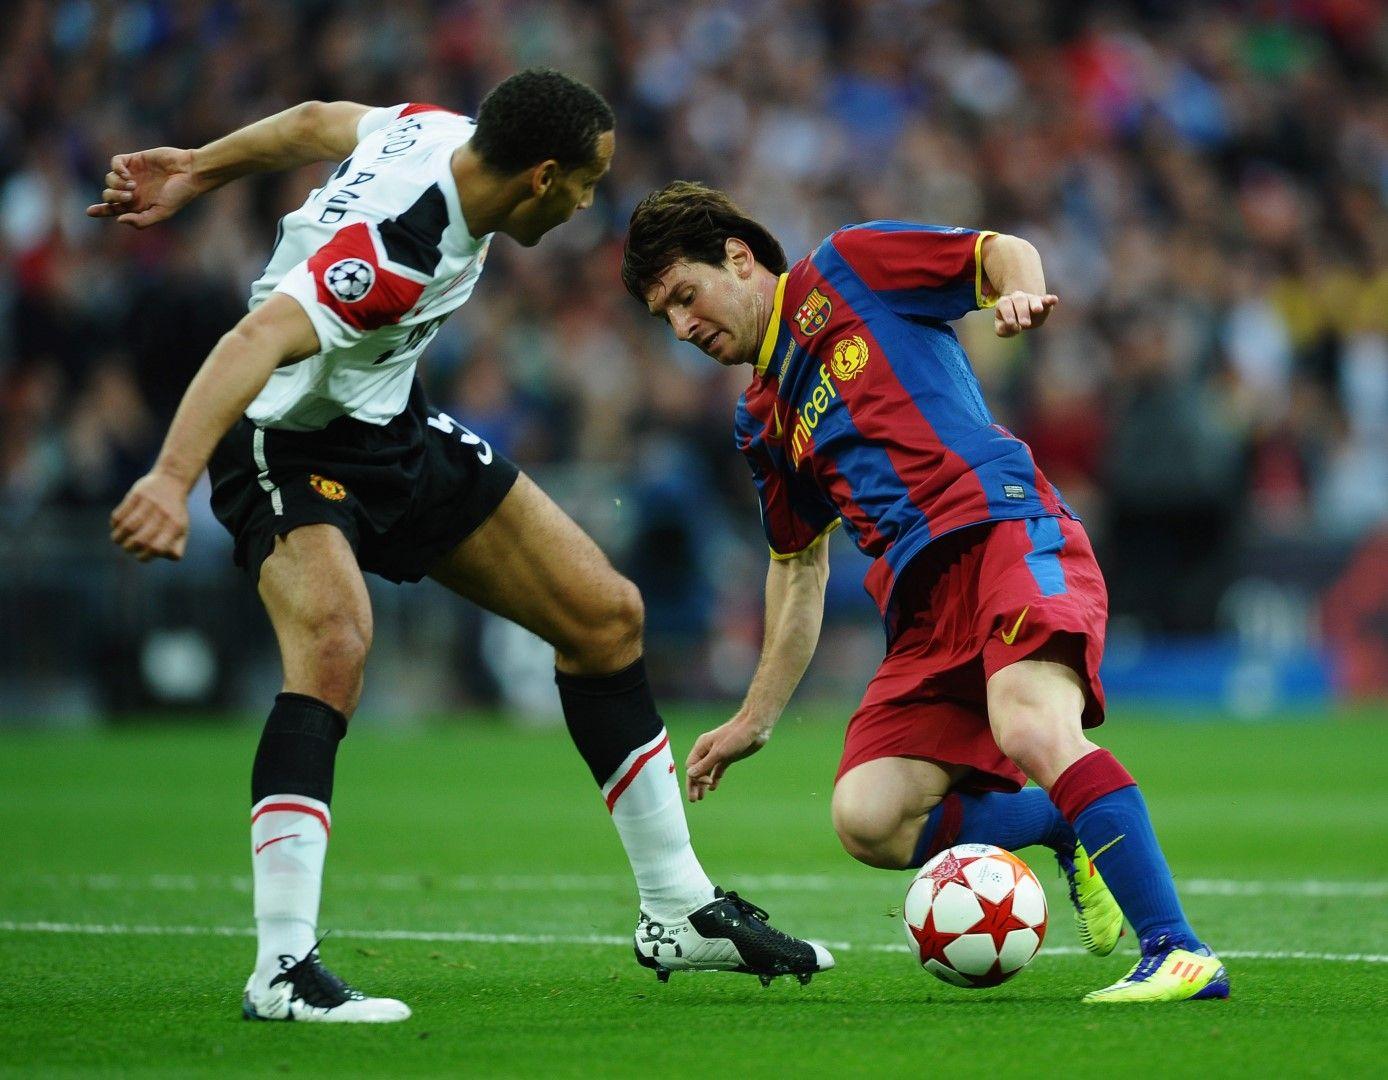 2011 г., Финал в Шампионската лига. Меси с поредна магия срещу Рио Фърдинанд